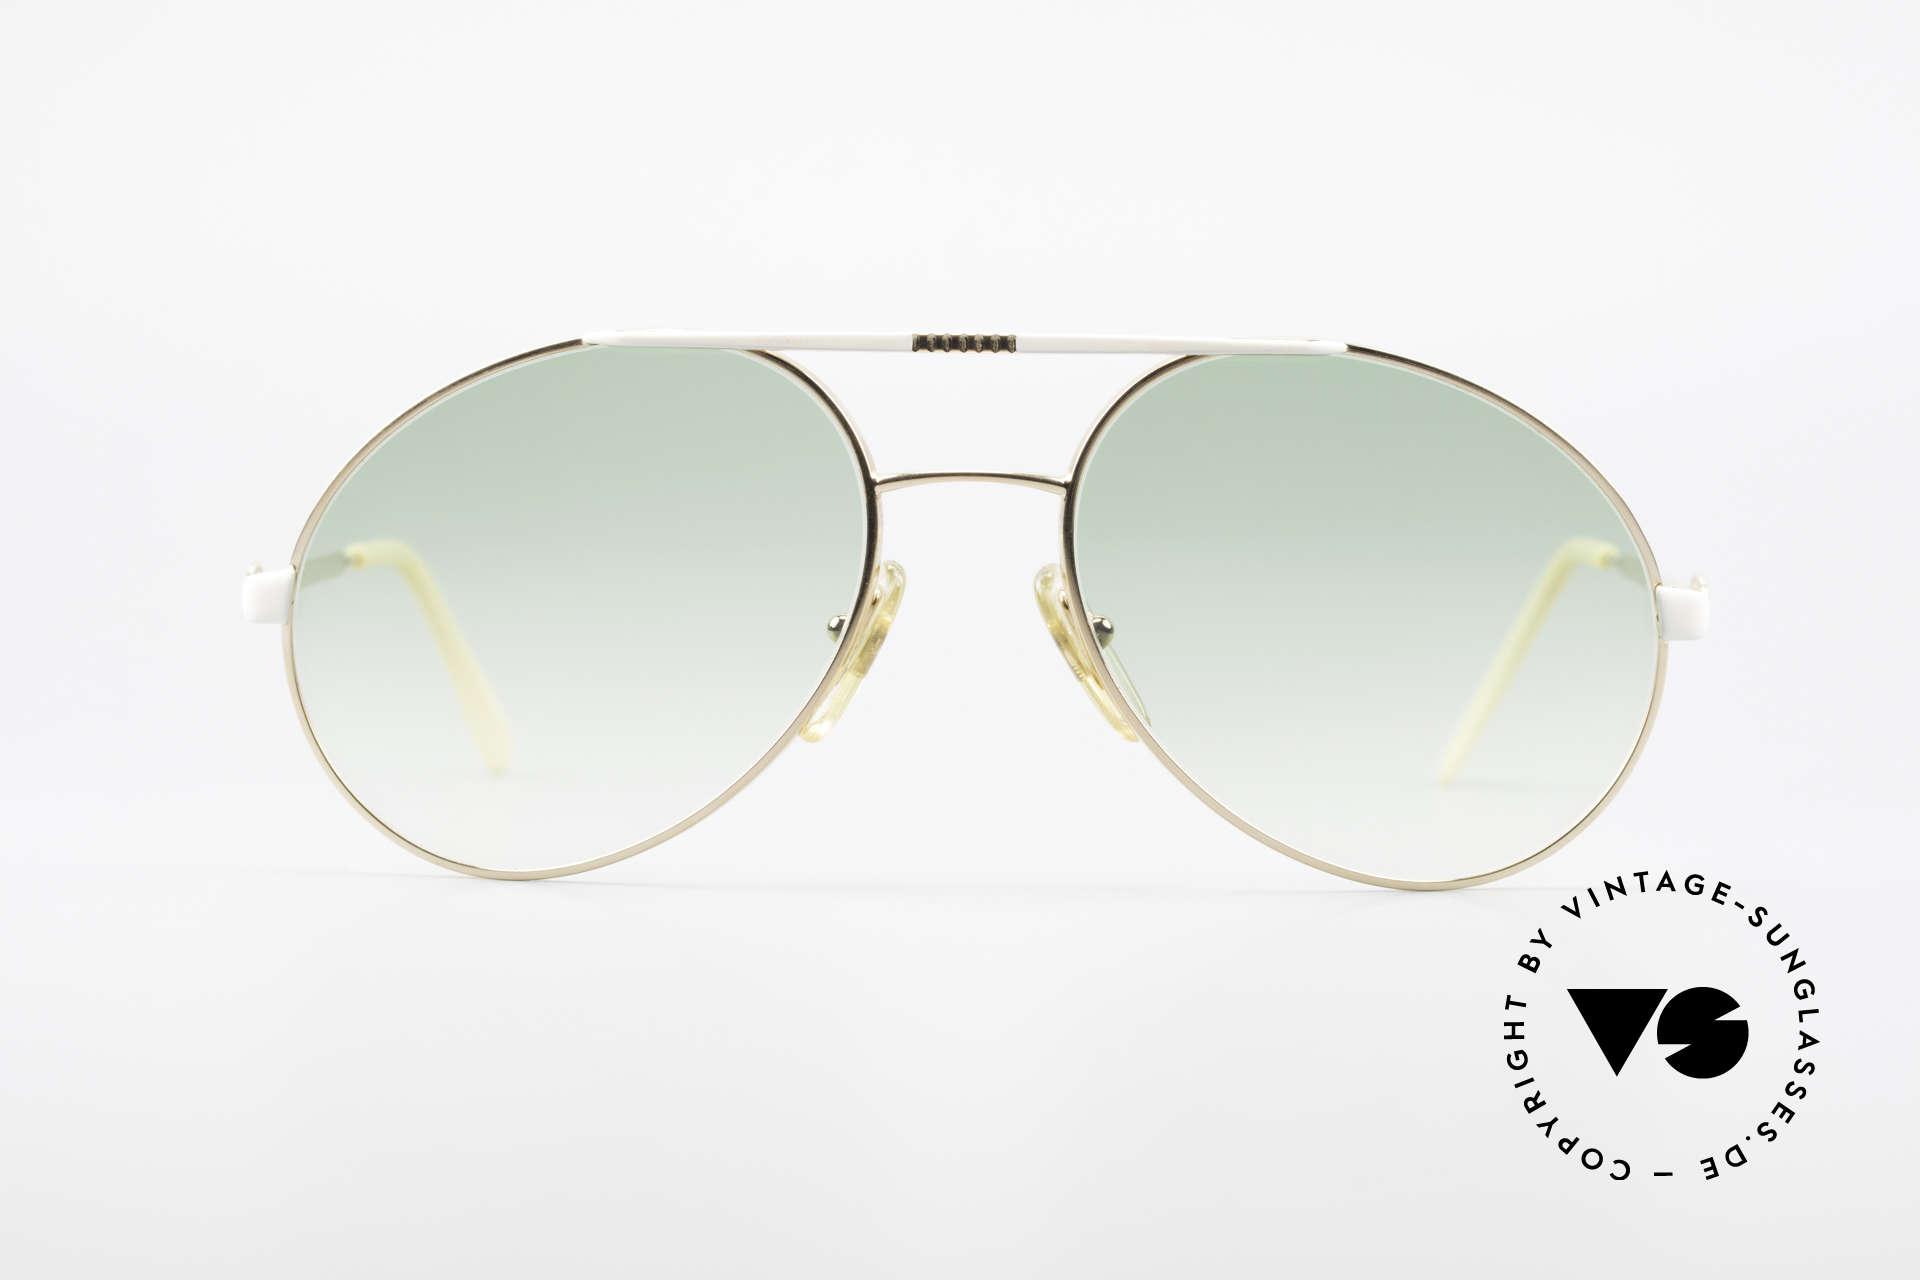 Bugatti 64319 Original 80's Sunglasses Men, classic Bugatti design from 1983 - NO retro!, Made for Men